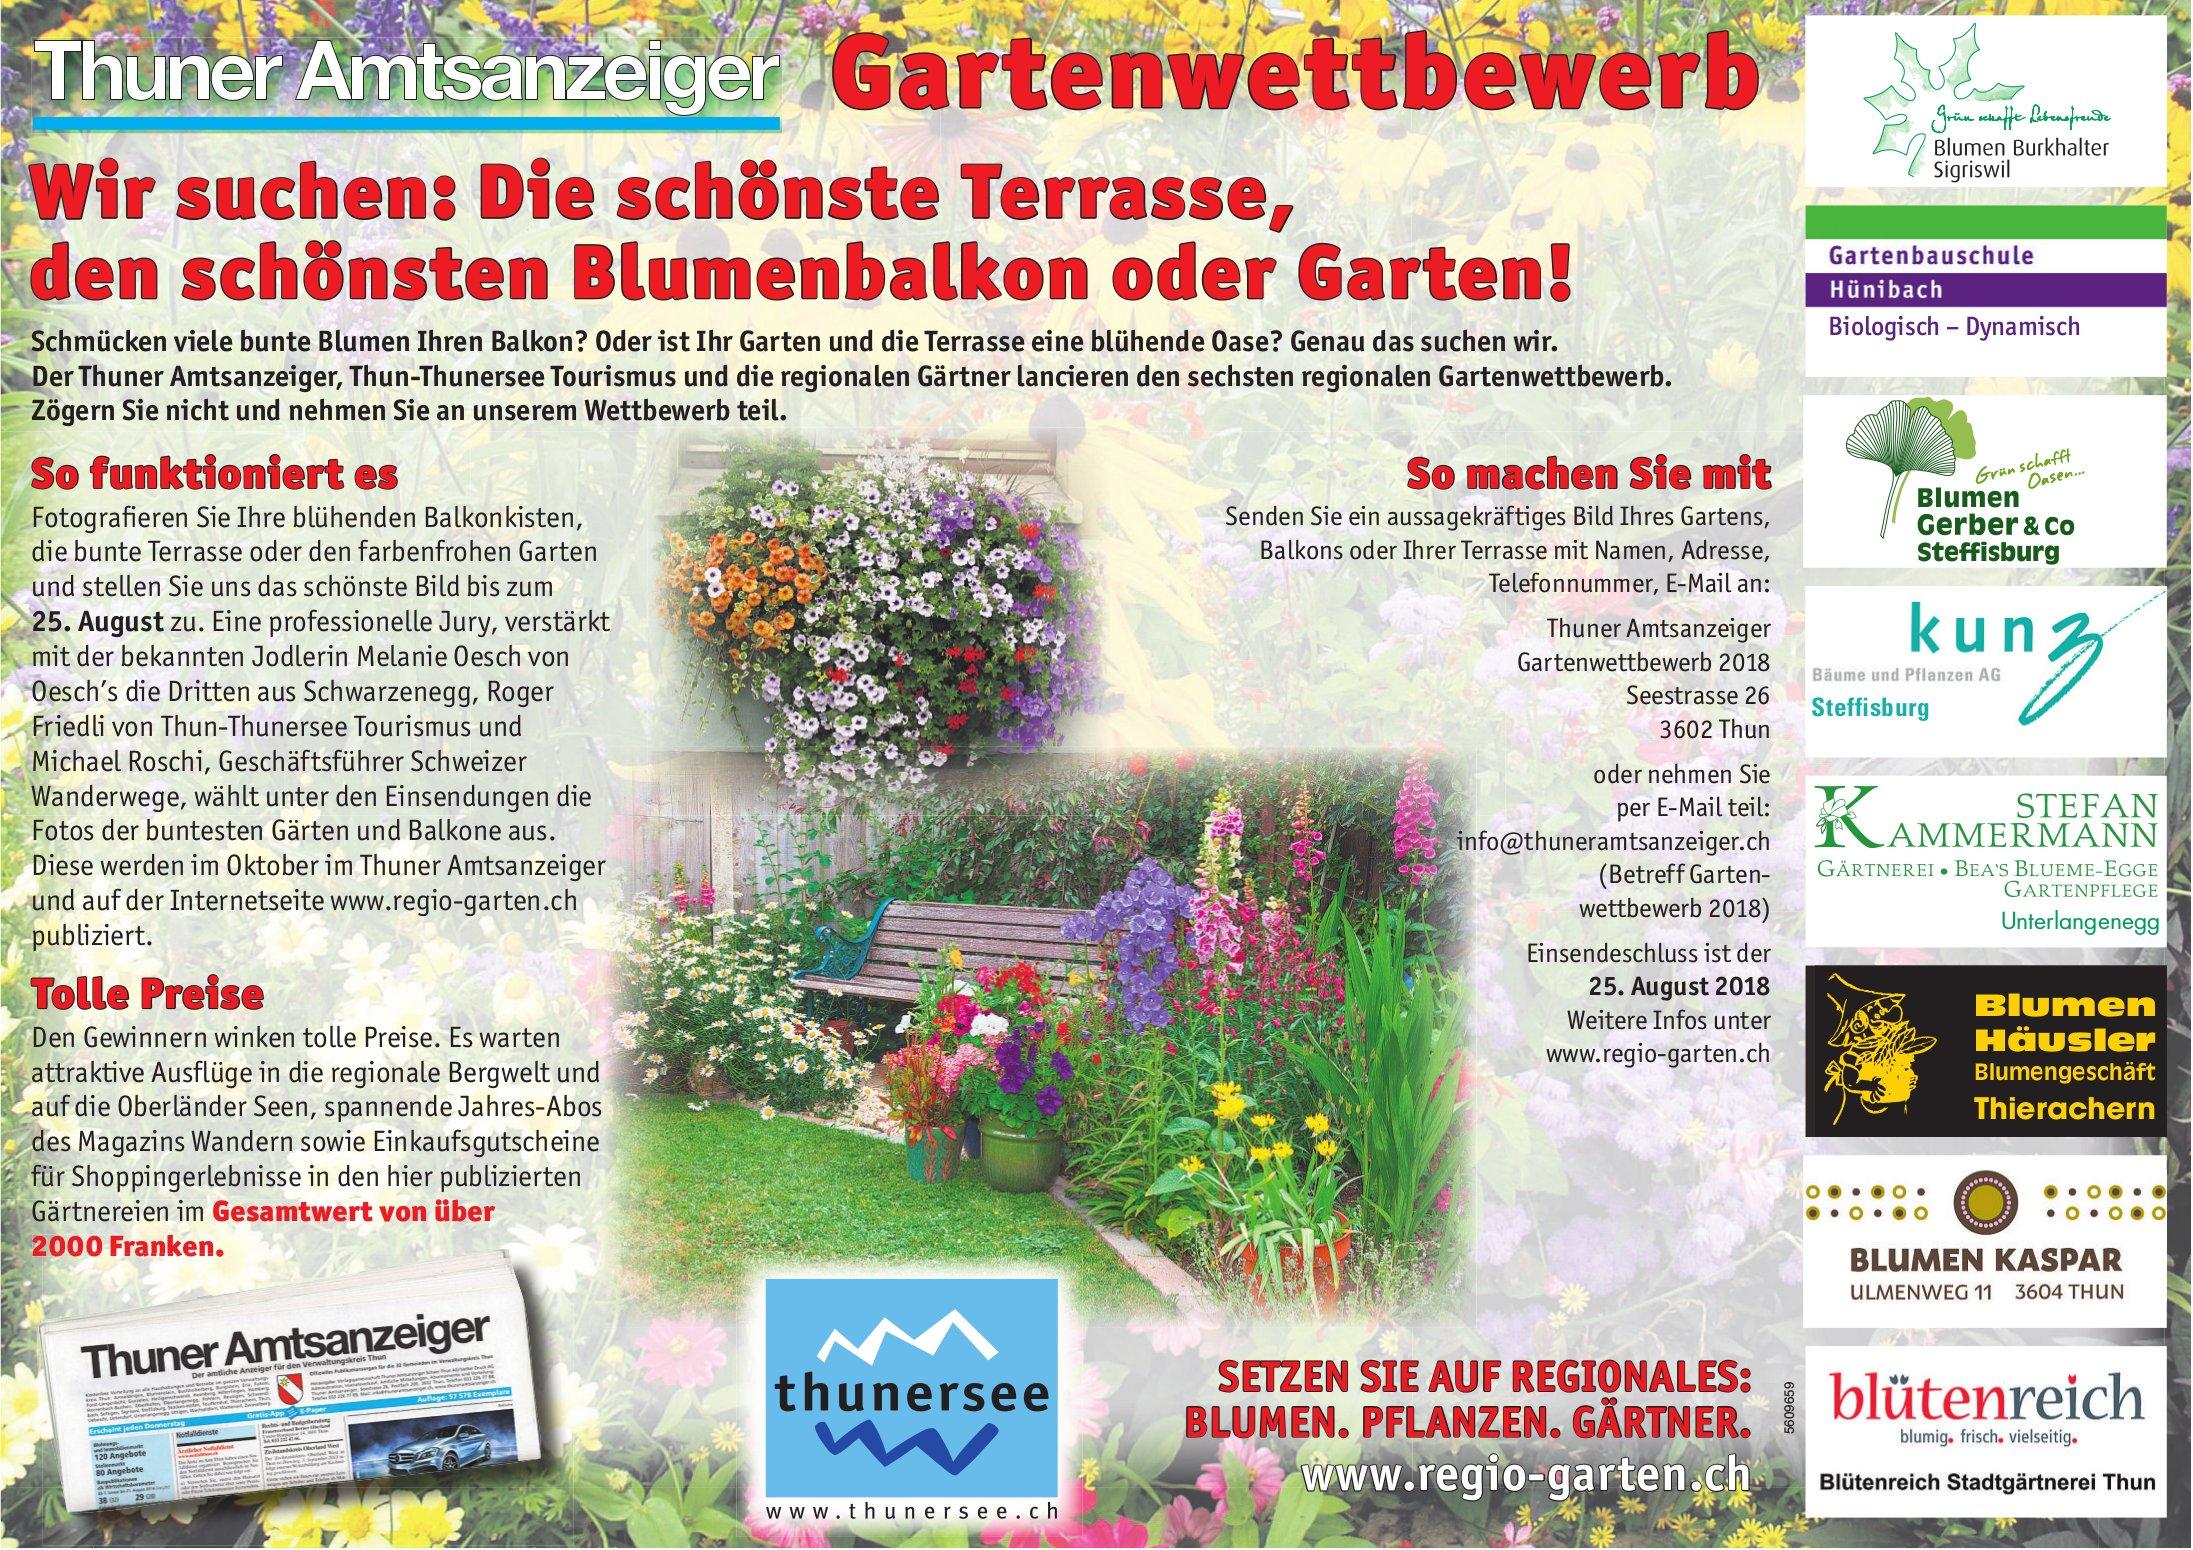 Thuner Amtsanzeiger Gartenwettbewerb - Die schönste Terrasse, den schönsten Blumenbalkon oder Garten